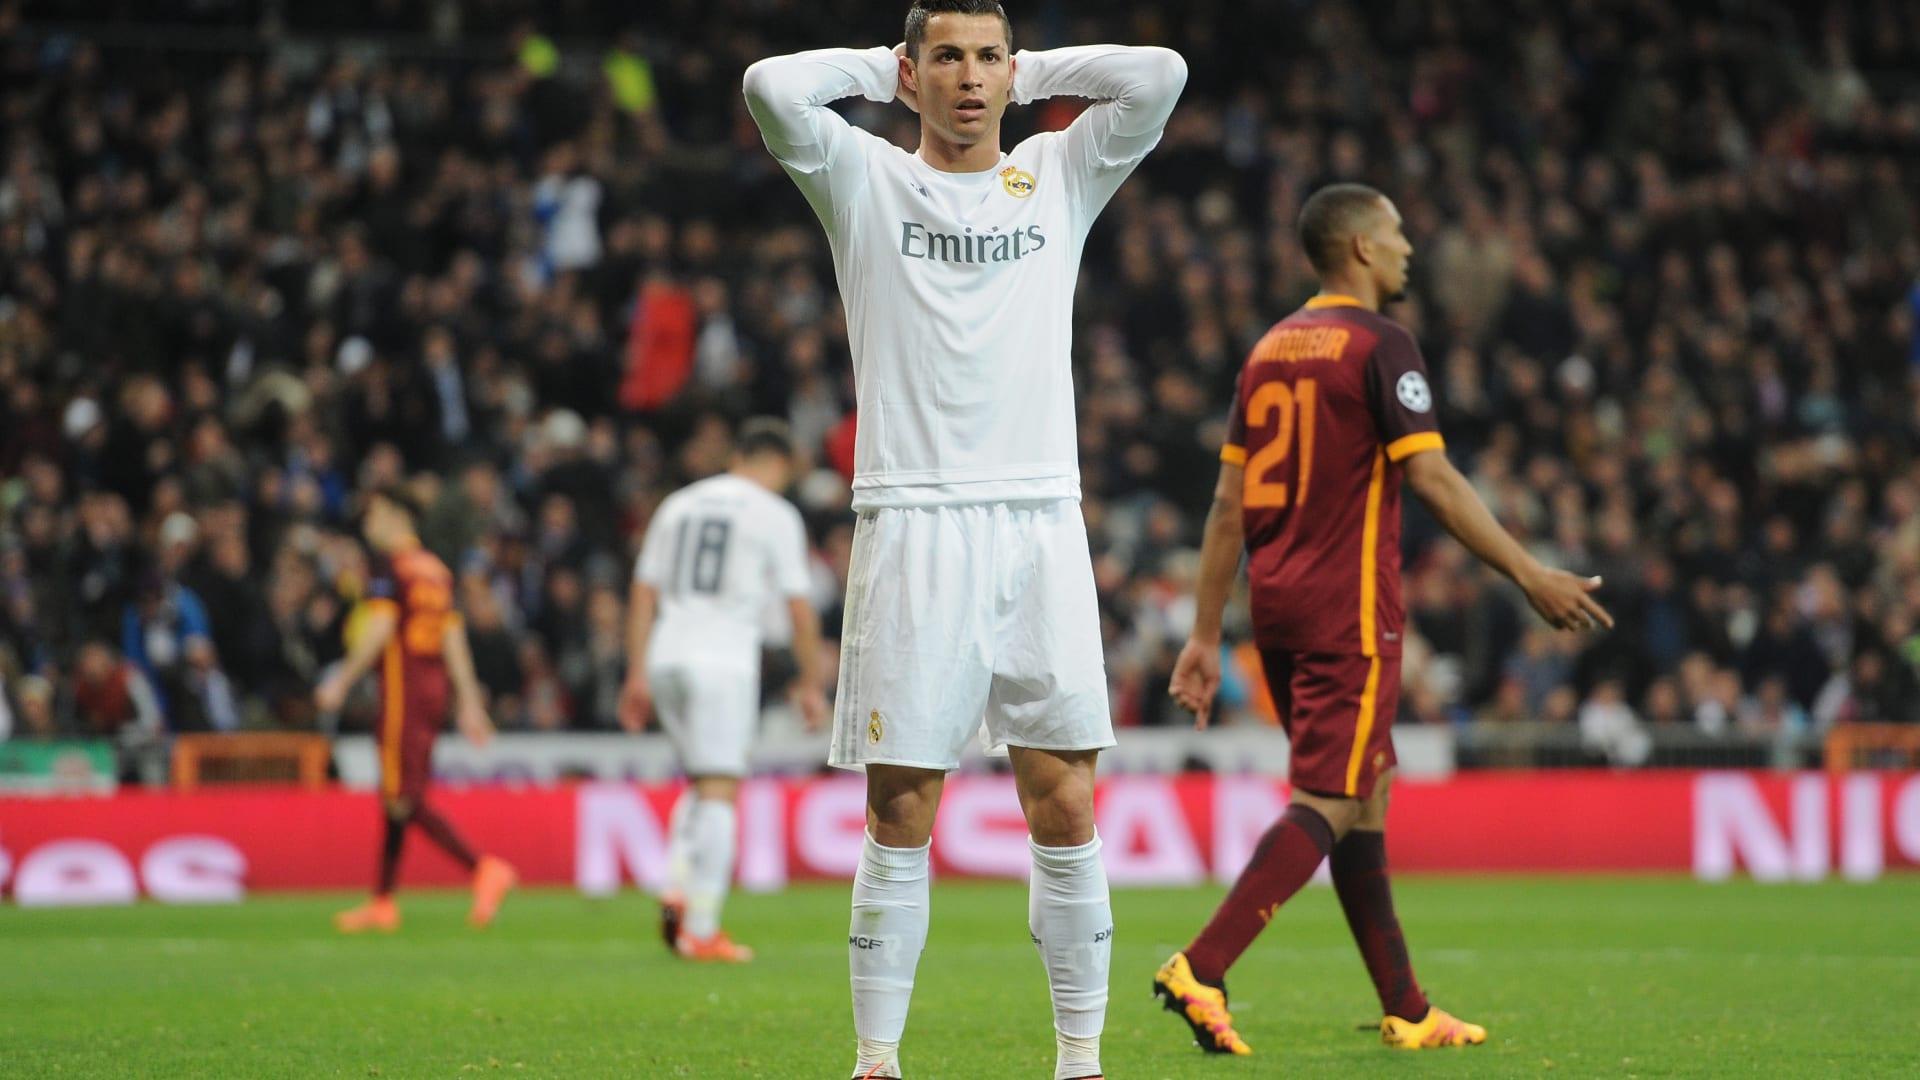 خيبة الأمل تبدو على وجه رونالدو بعد فشله في تسجيل هدف لفريقه.